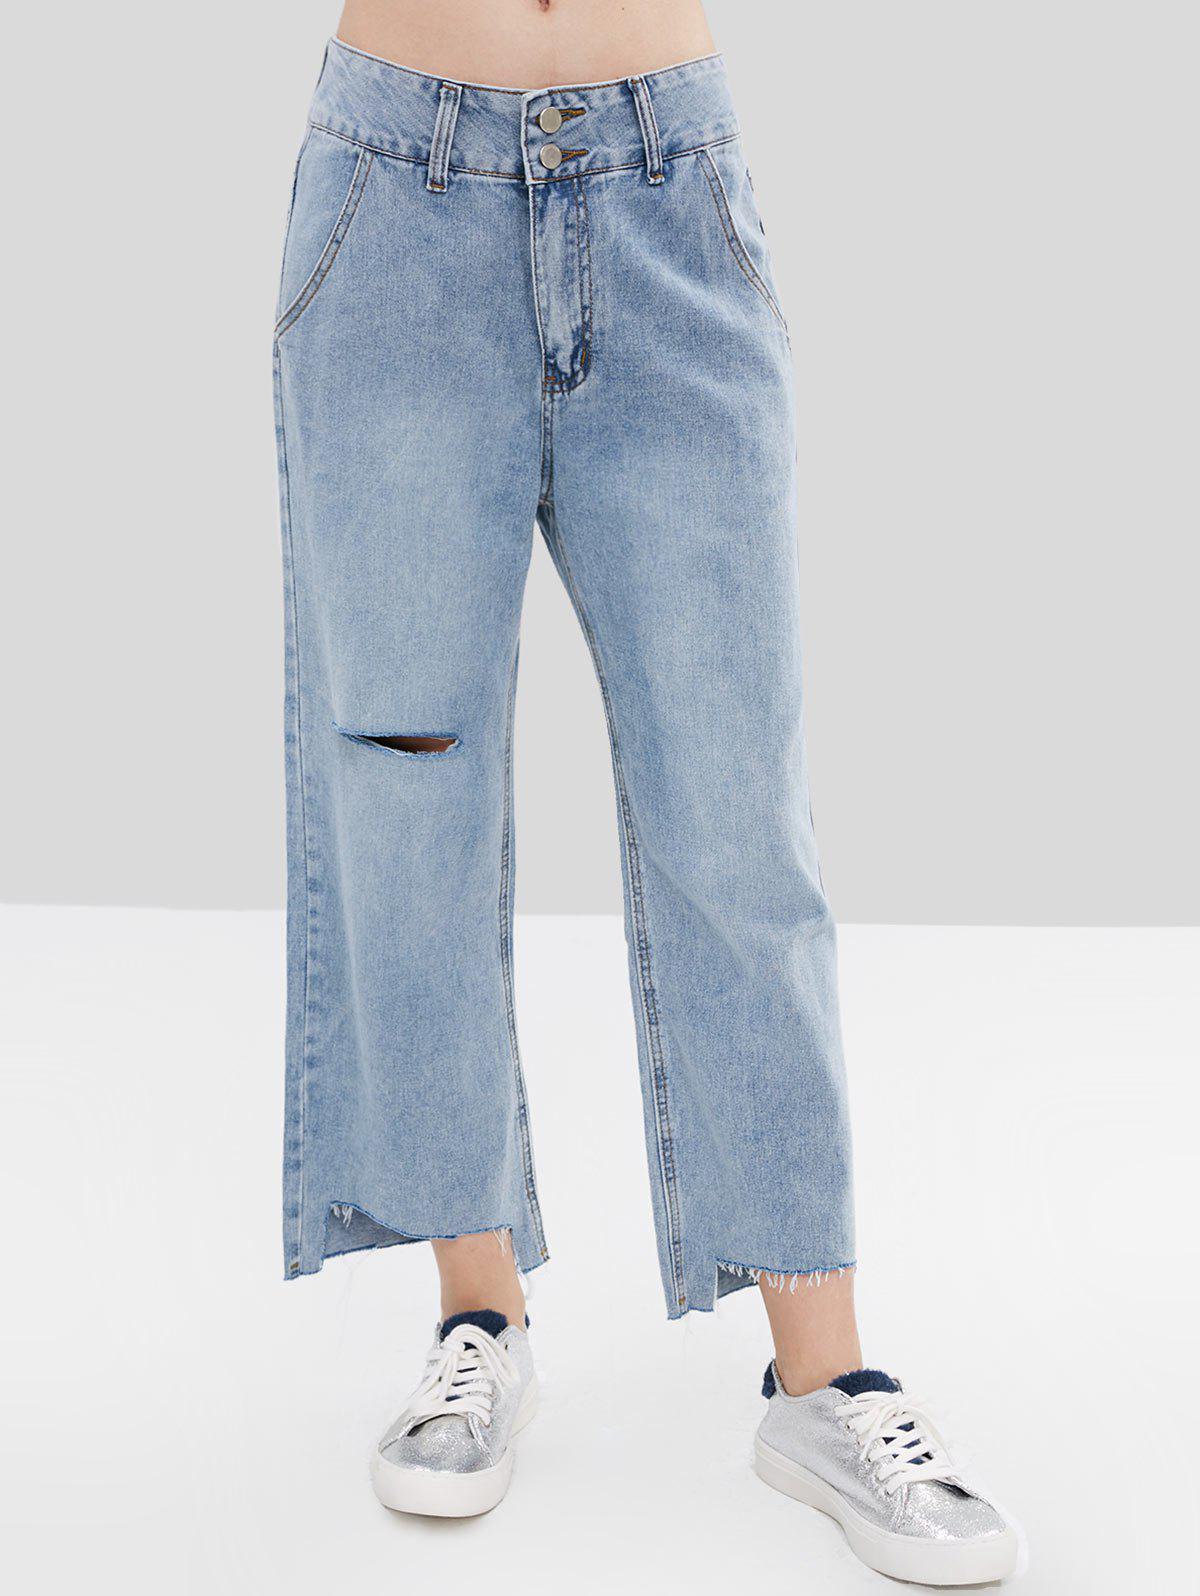 26 Off 2021 Pantalones Vaqueros Anchos Rasgados En Azul Claro Zaful America Latina